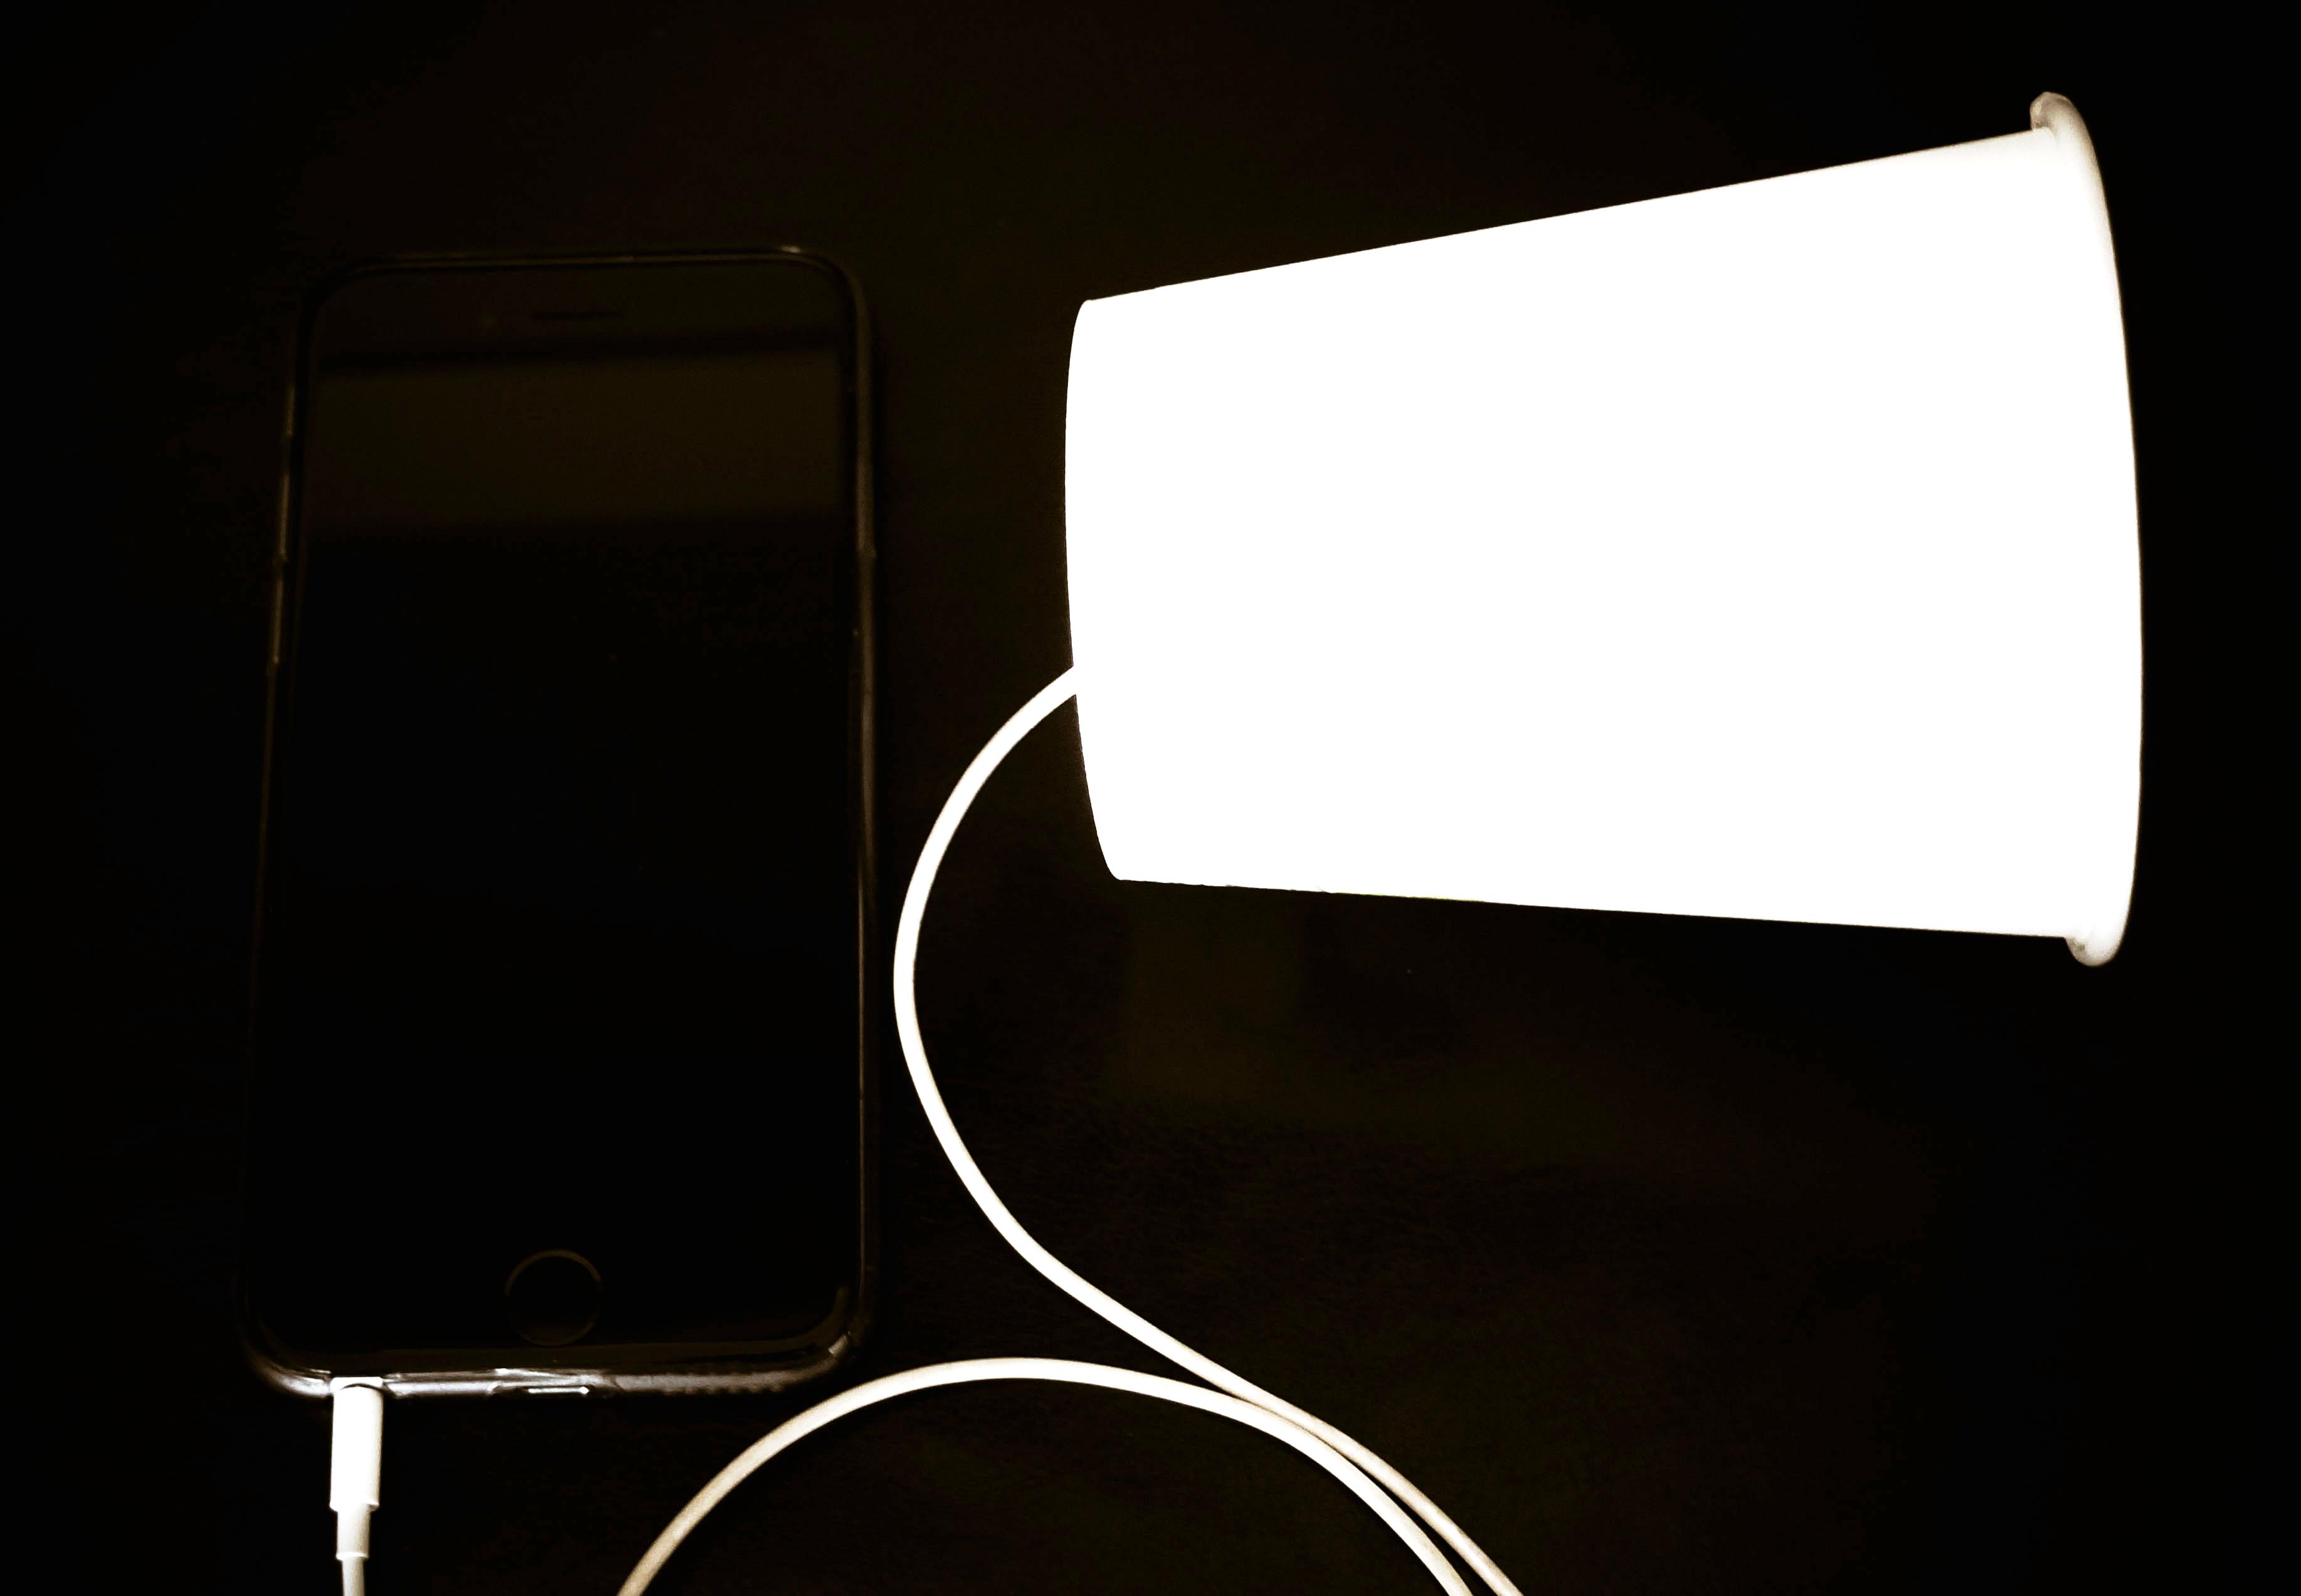 Papel de parede preto e branco bw abstrato ma copo papel de parede preto e branco bw abstrato ma copo monocromtico fundo preto cortar fora preto branco tecnologia fones de ouvido fujifilm altavistaventures Choice Image